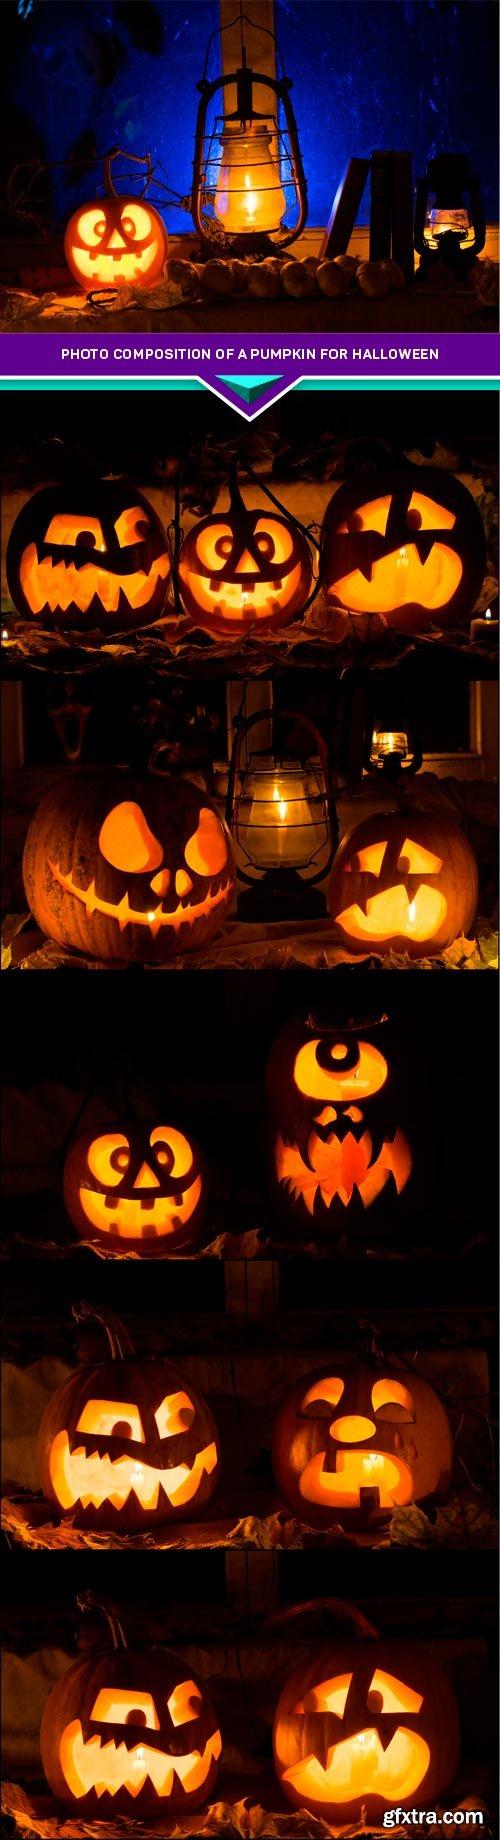 Photo composition of a pumpkin for Halloween 6x JPEG